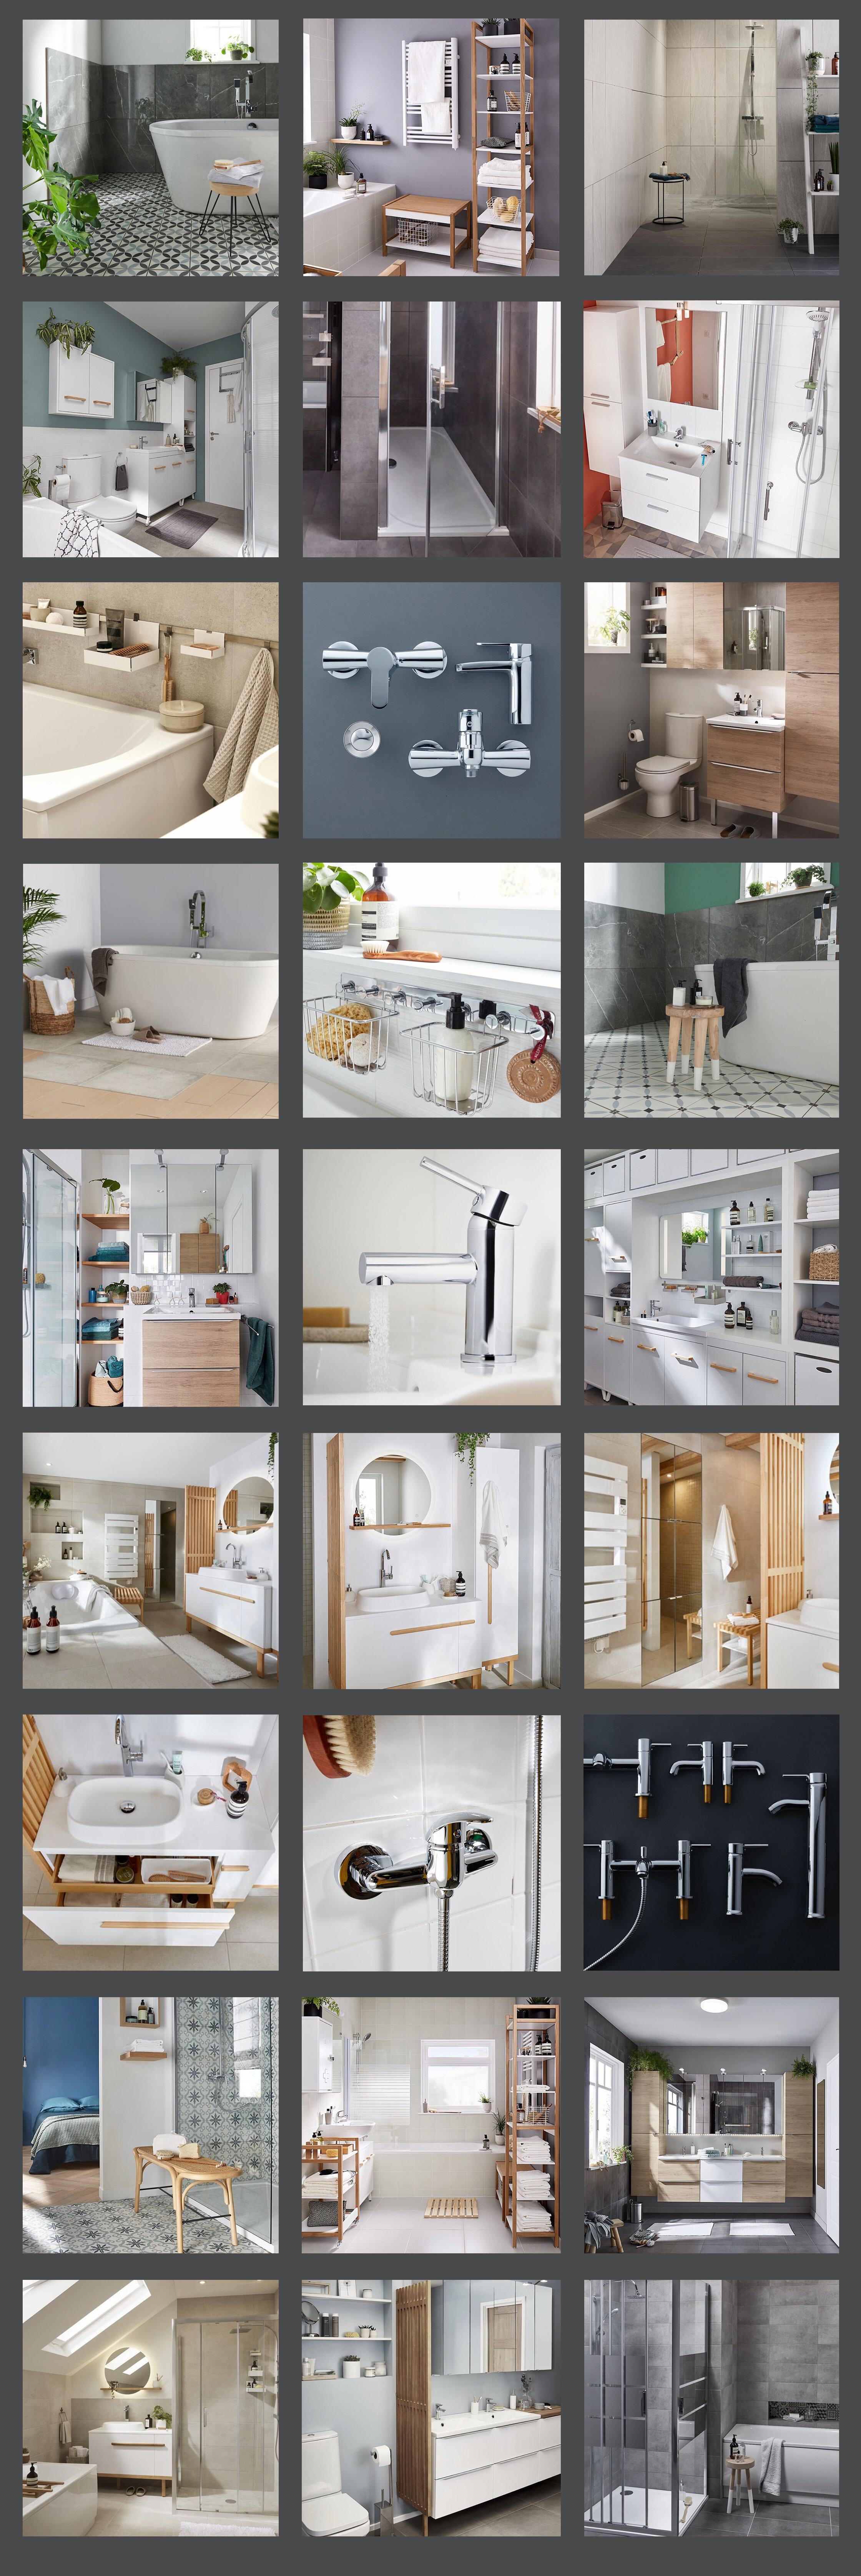 kingfisher_bathrooms_new.jpg